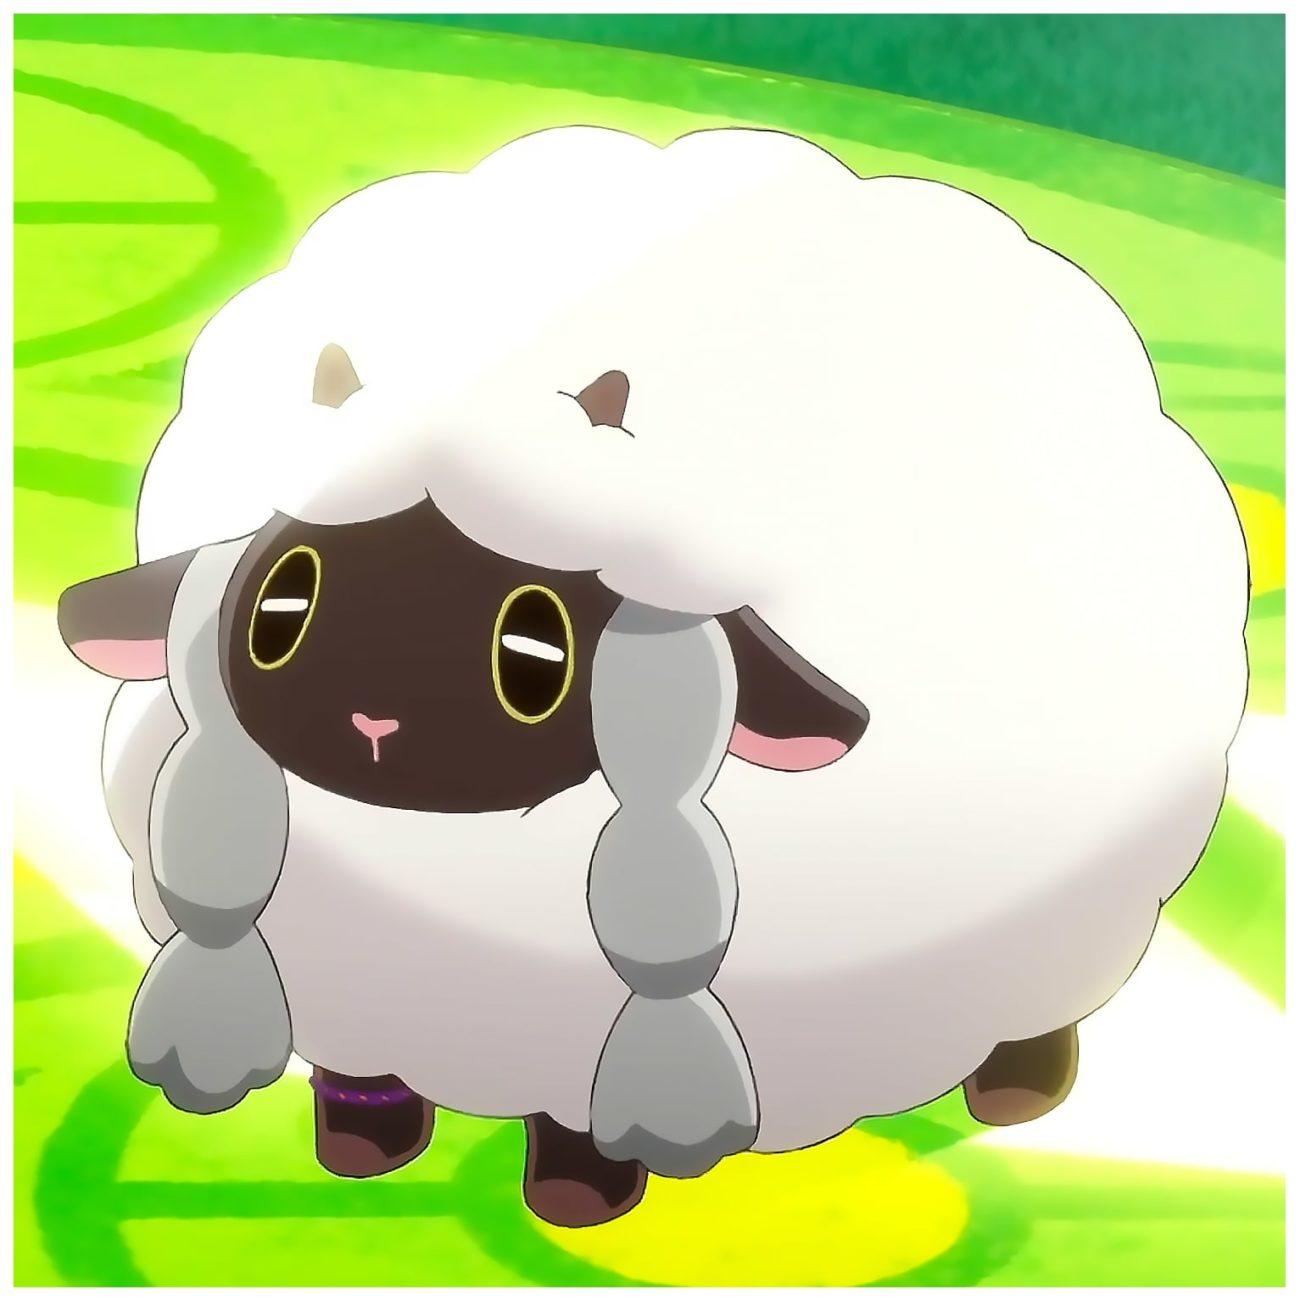 Profil - Moumouton